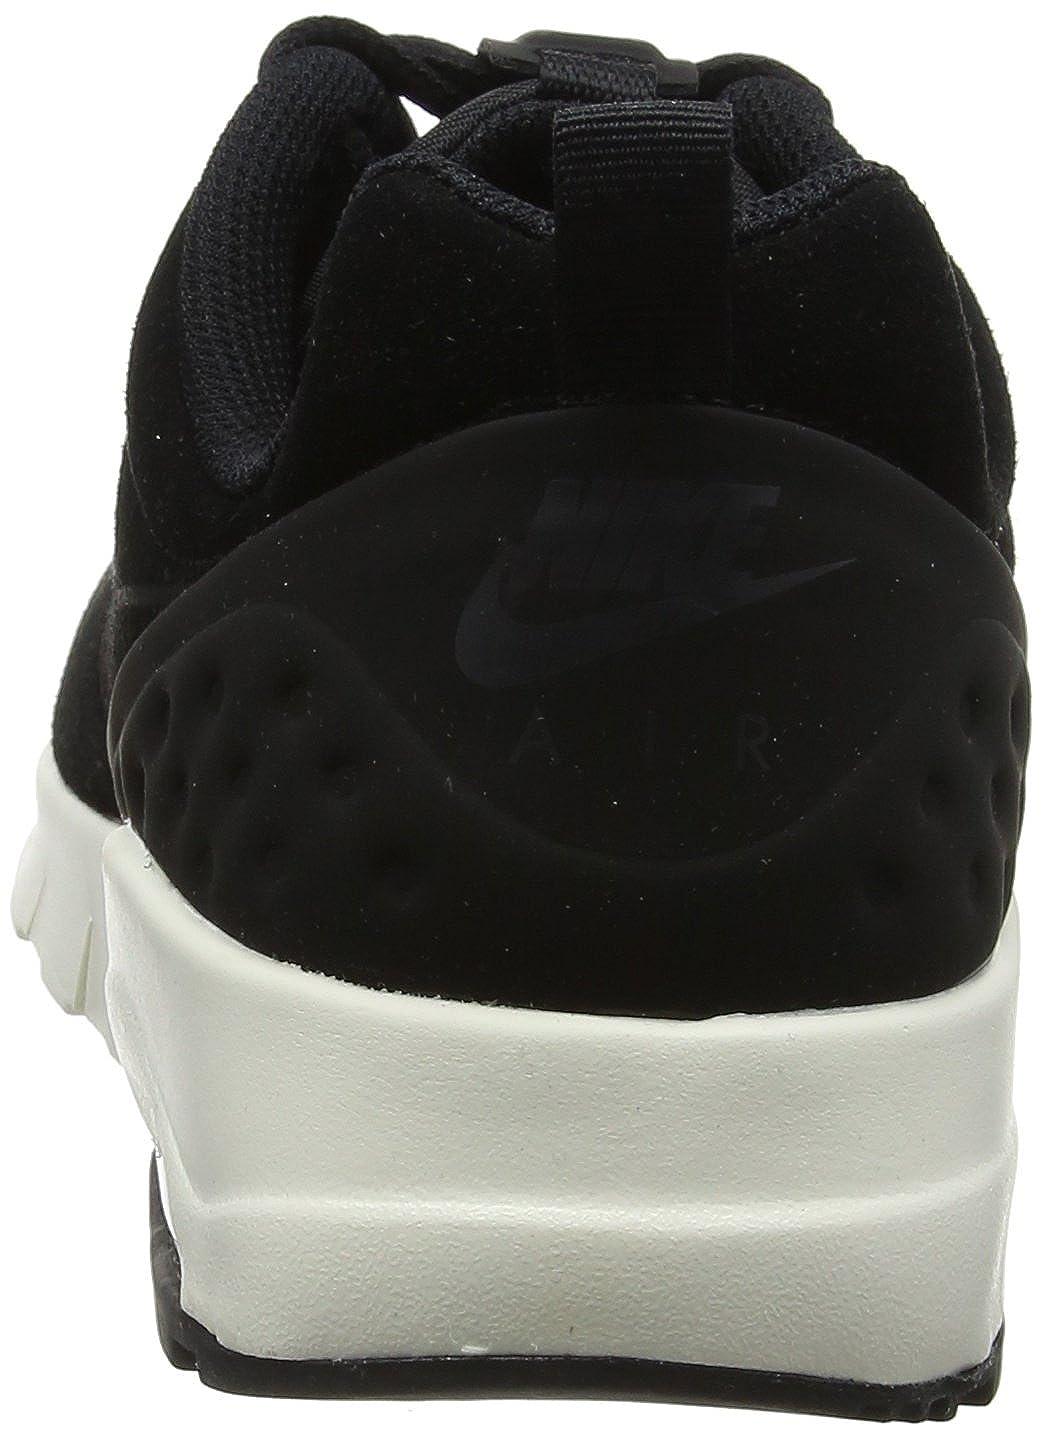 Nike Herren Herren Herren Air Max Motion Lw Premium Turnschuhe 7420a4